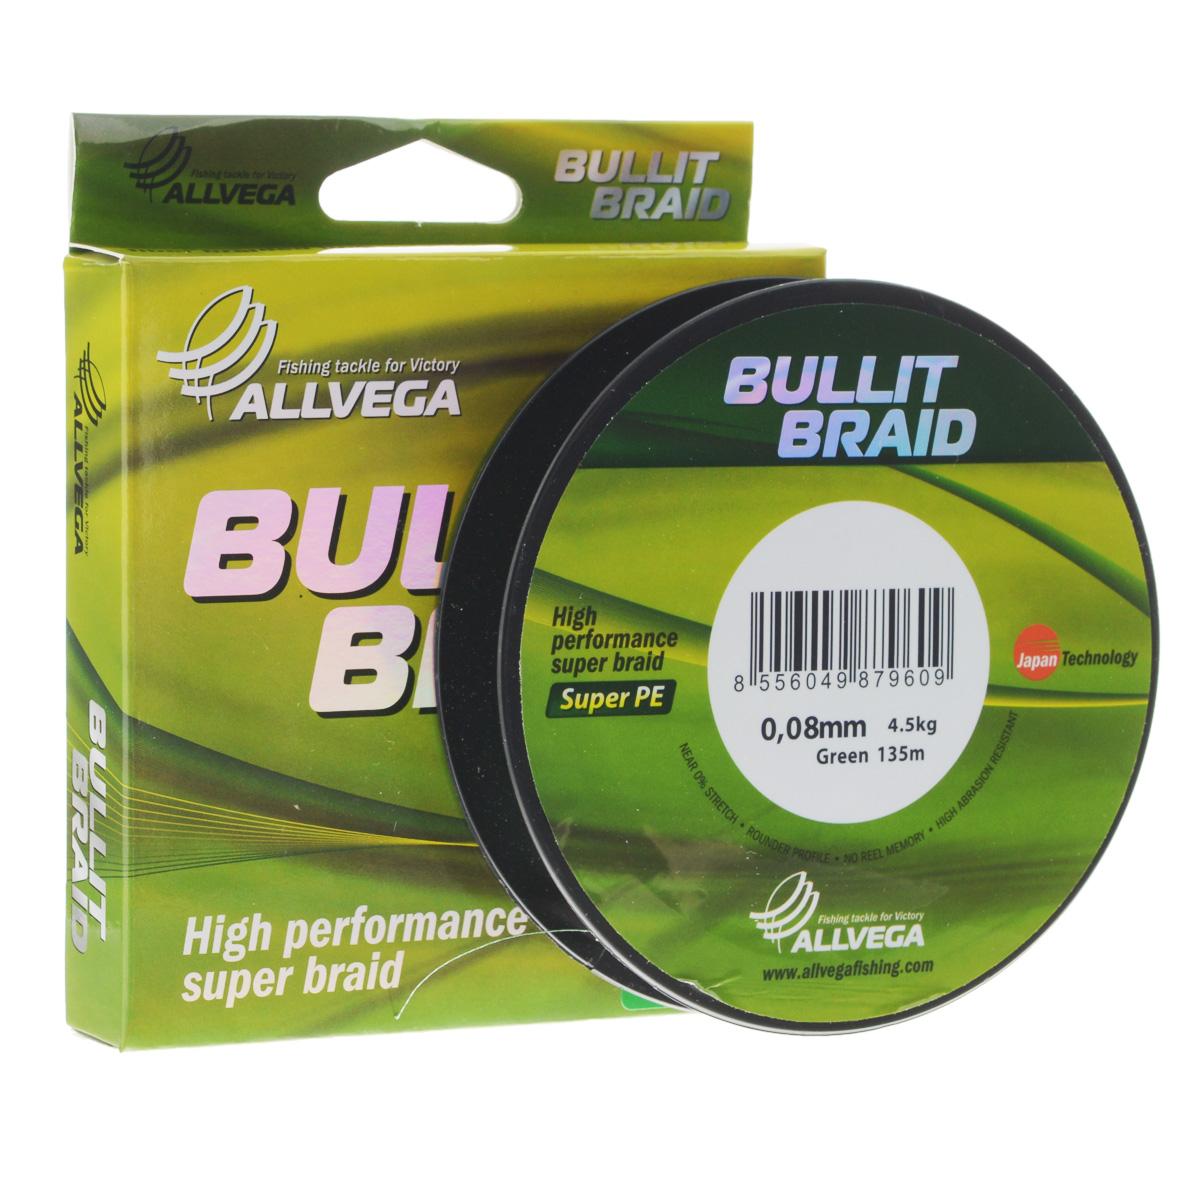 Леска плетеная Allvega Bullit Braid, цвет: темно-зеленый, 135 м, 0,08 мм, 4,5 кг31758Леска Allvega Bullit Braid с гладкой поверхностью и одинаковым сечением по всей длине обладает высокой износостойкостью. Благодаря микроволокнам полиэтилена (Super PE) леска имеет очень плотное плетение и не впитывает воду. Леску Allvega Bullit Braid можно применять в любых типах водоемов. Особенности: - повышенная износостойкость; - высокая чувствительность - коэффициент растяжения близок к нулю; - отсутствует память; - идеально гладкая поверхность позволяет увеличить дальность забросов; - высокая прочность шнура на узлах.